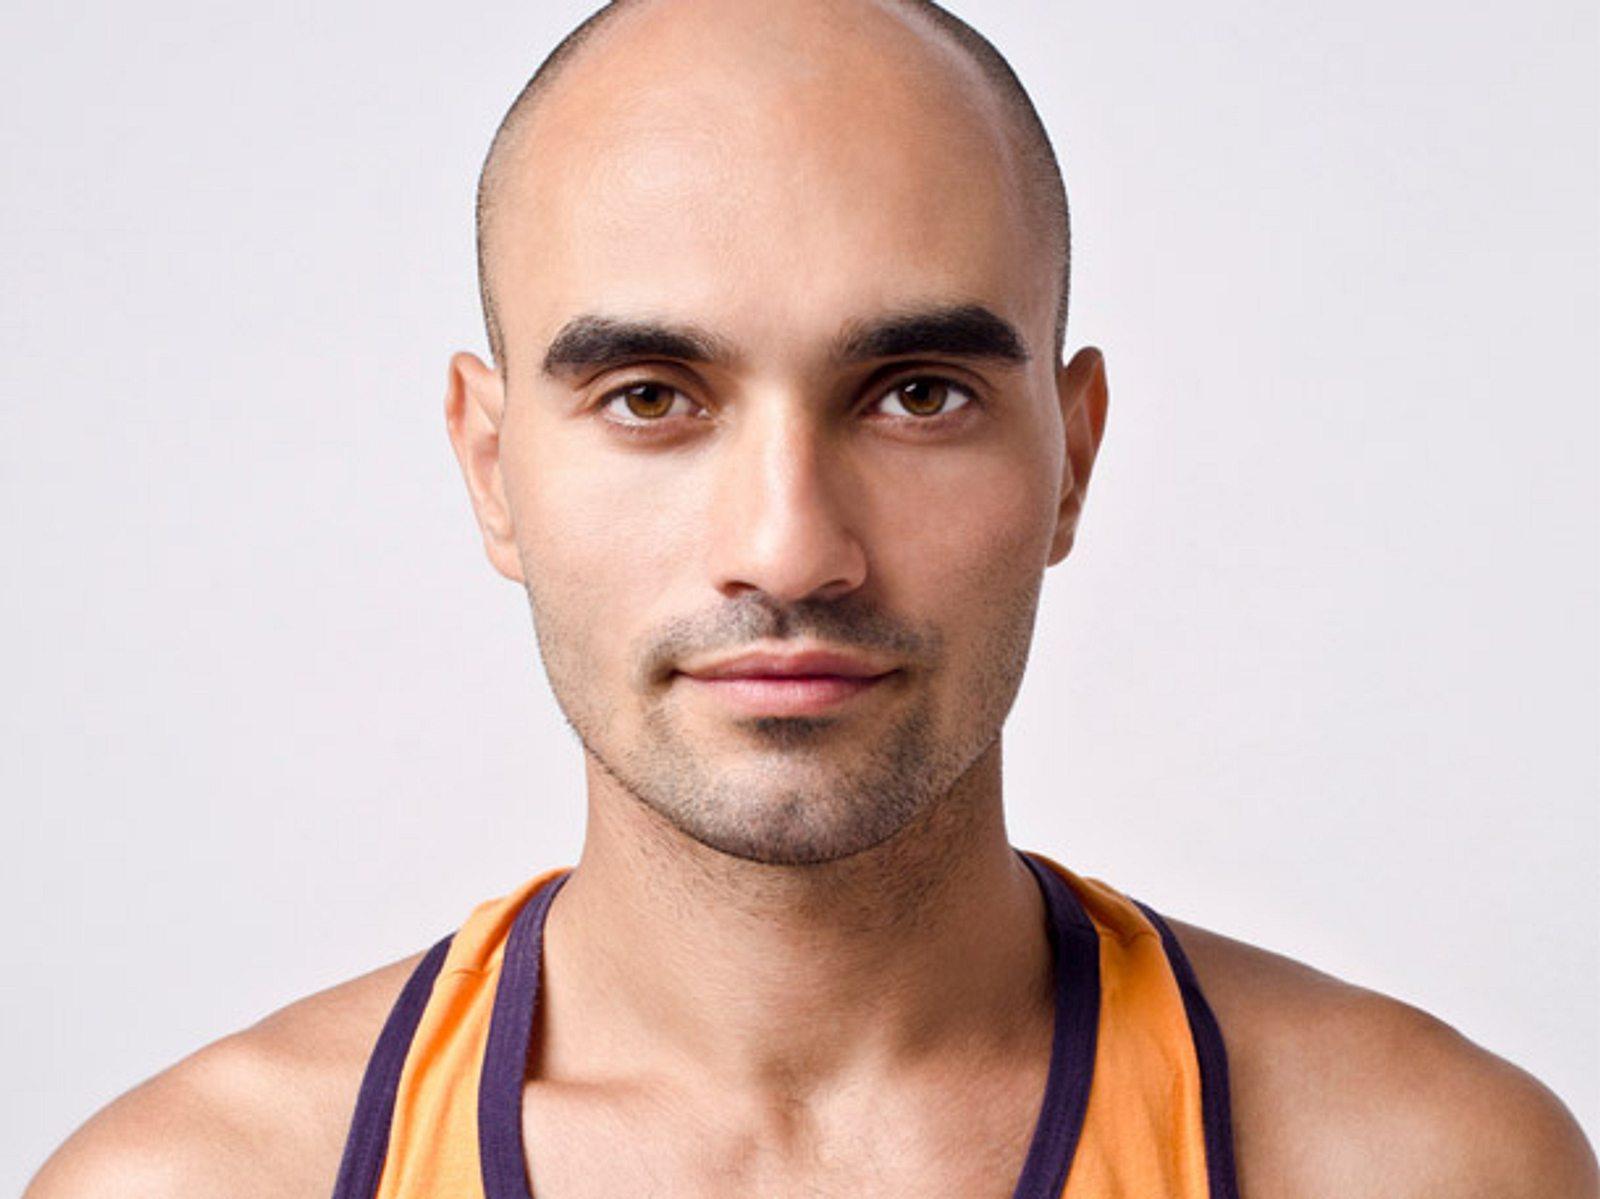 Bilder männer mit glatze